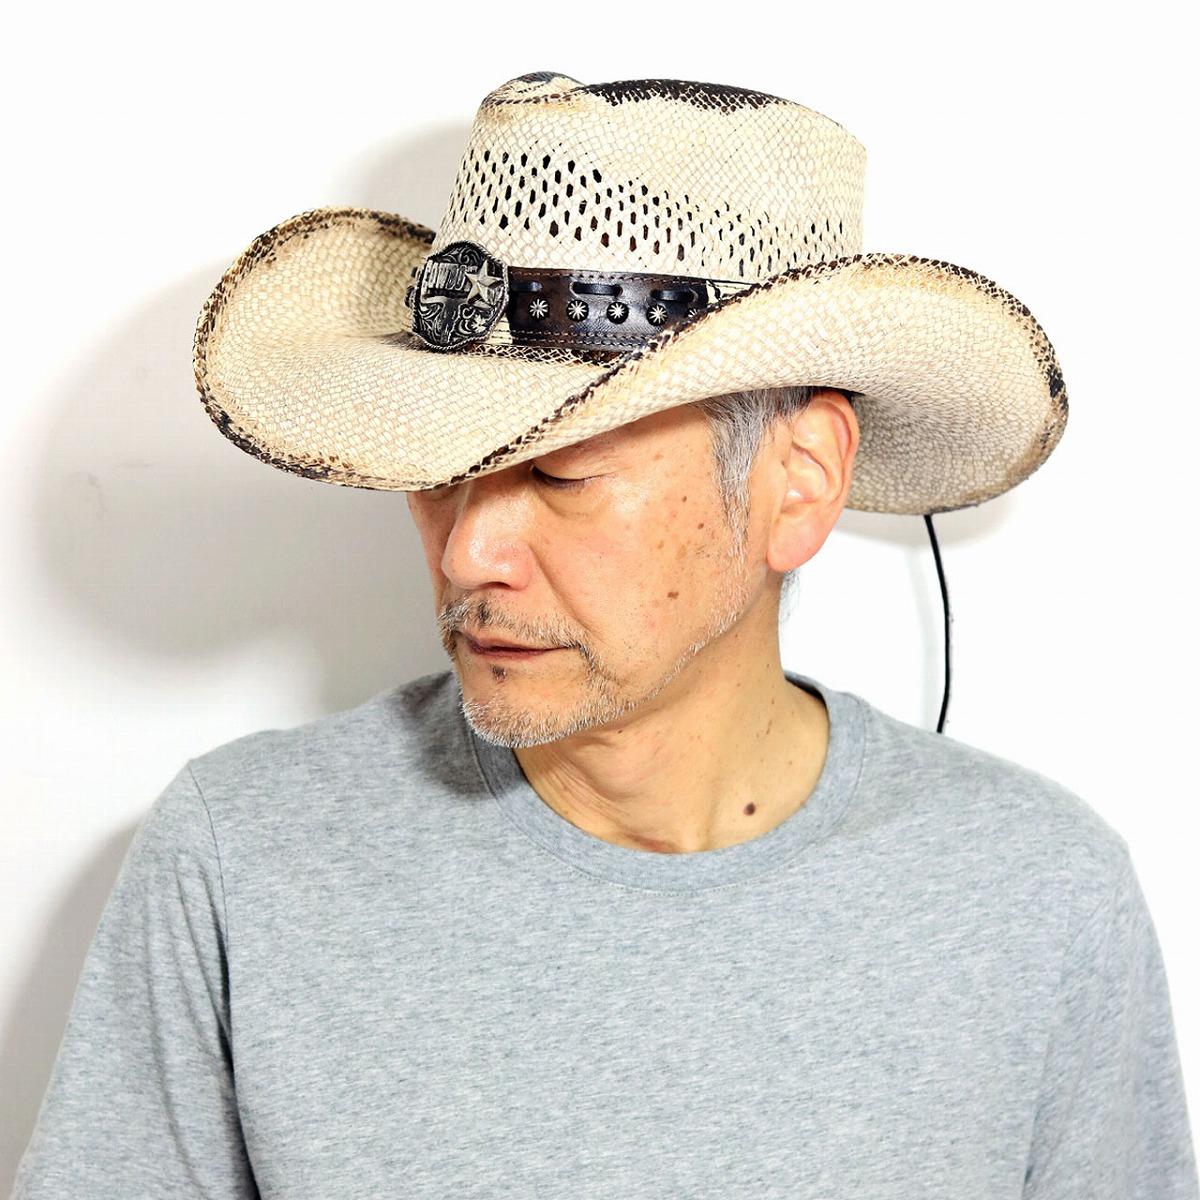 本パナマ カウボーイハット メンズ パナマハット レース入り コンチョ テンガロンハット バックル ストローハット California Hat Company Inc. stampede hat 乗馬 帽子 日除け ウエスタン つば広ハット ティーステイン [ panama hat ] [ cowboy hat ]